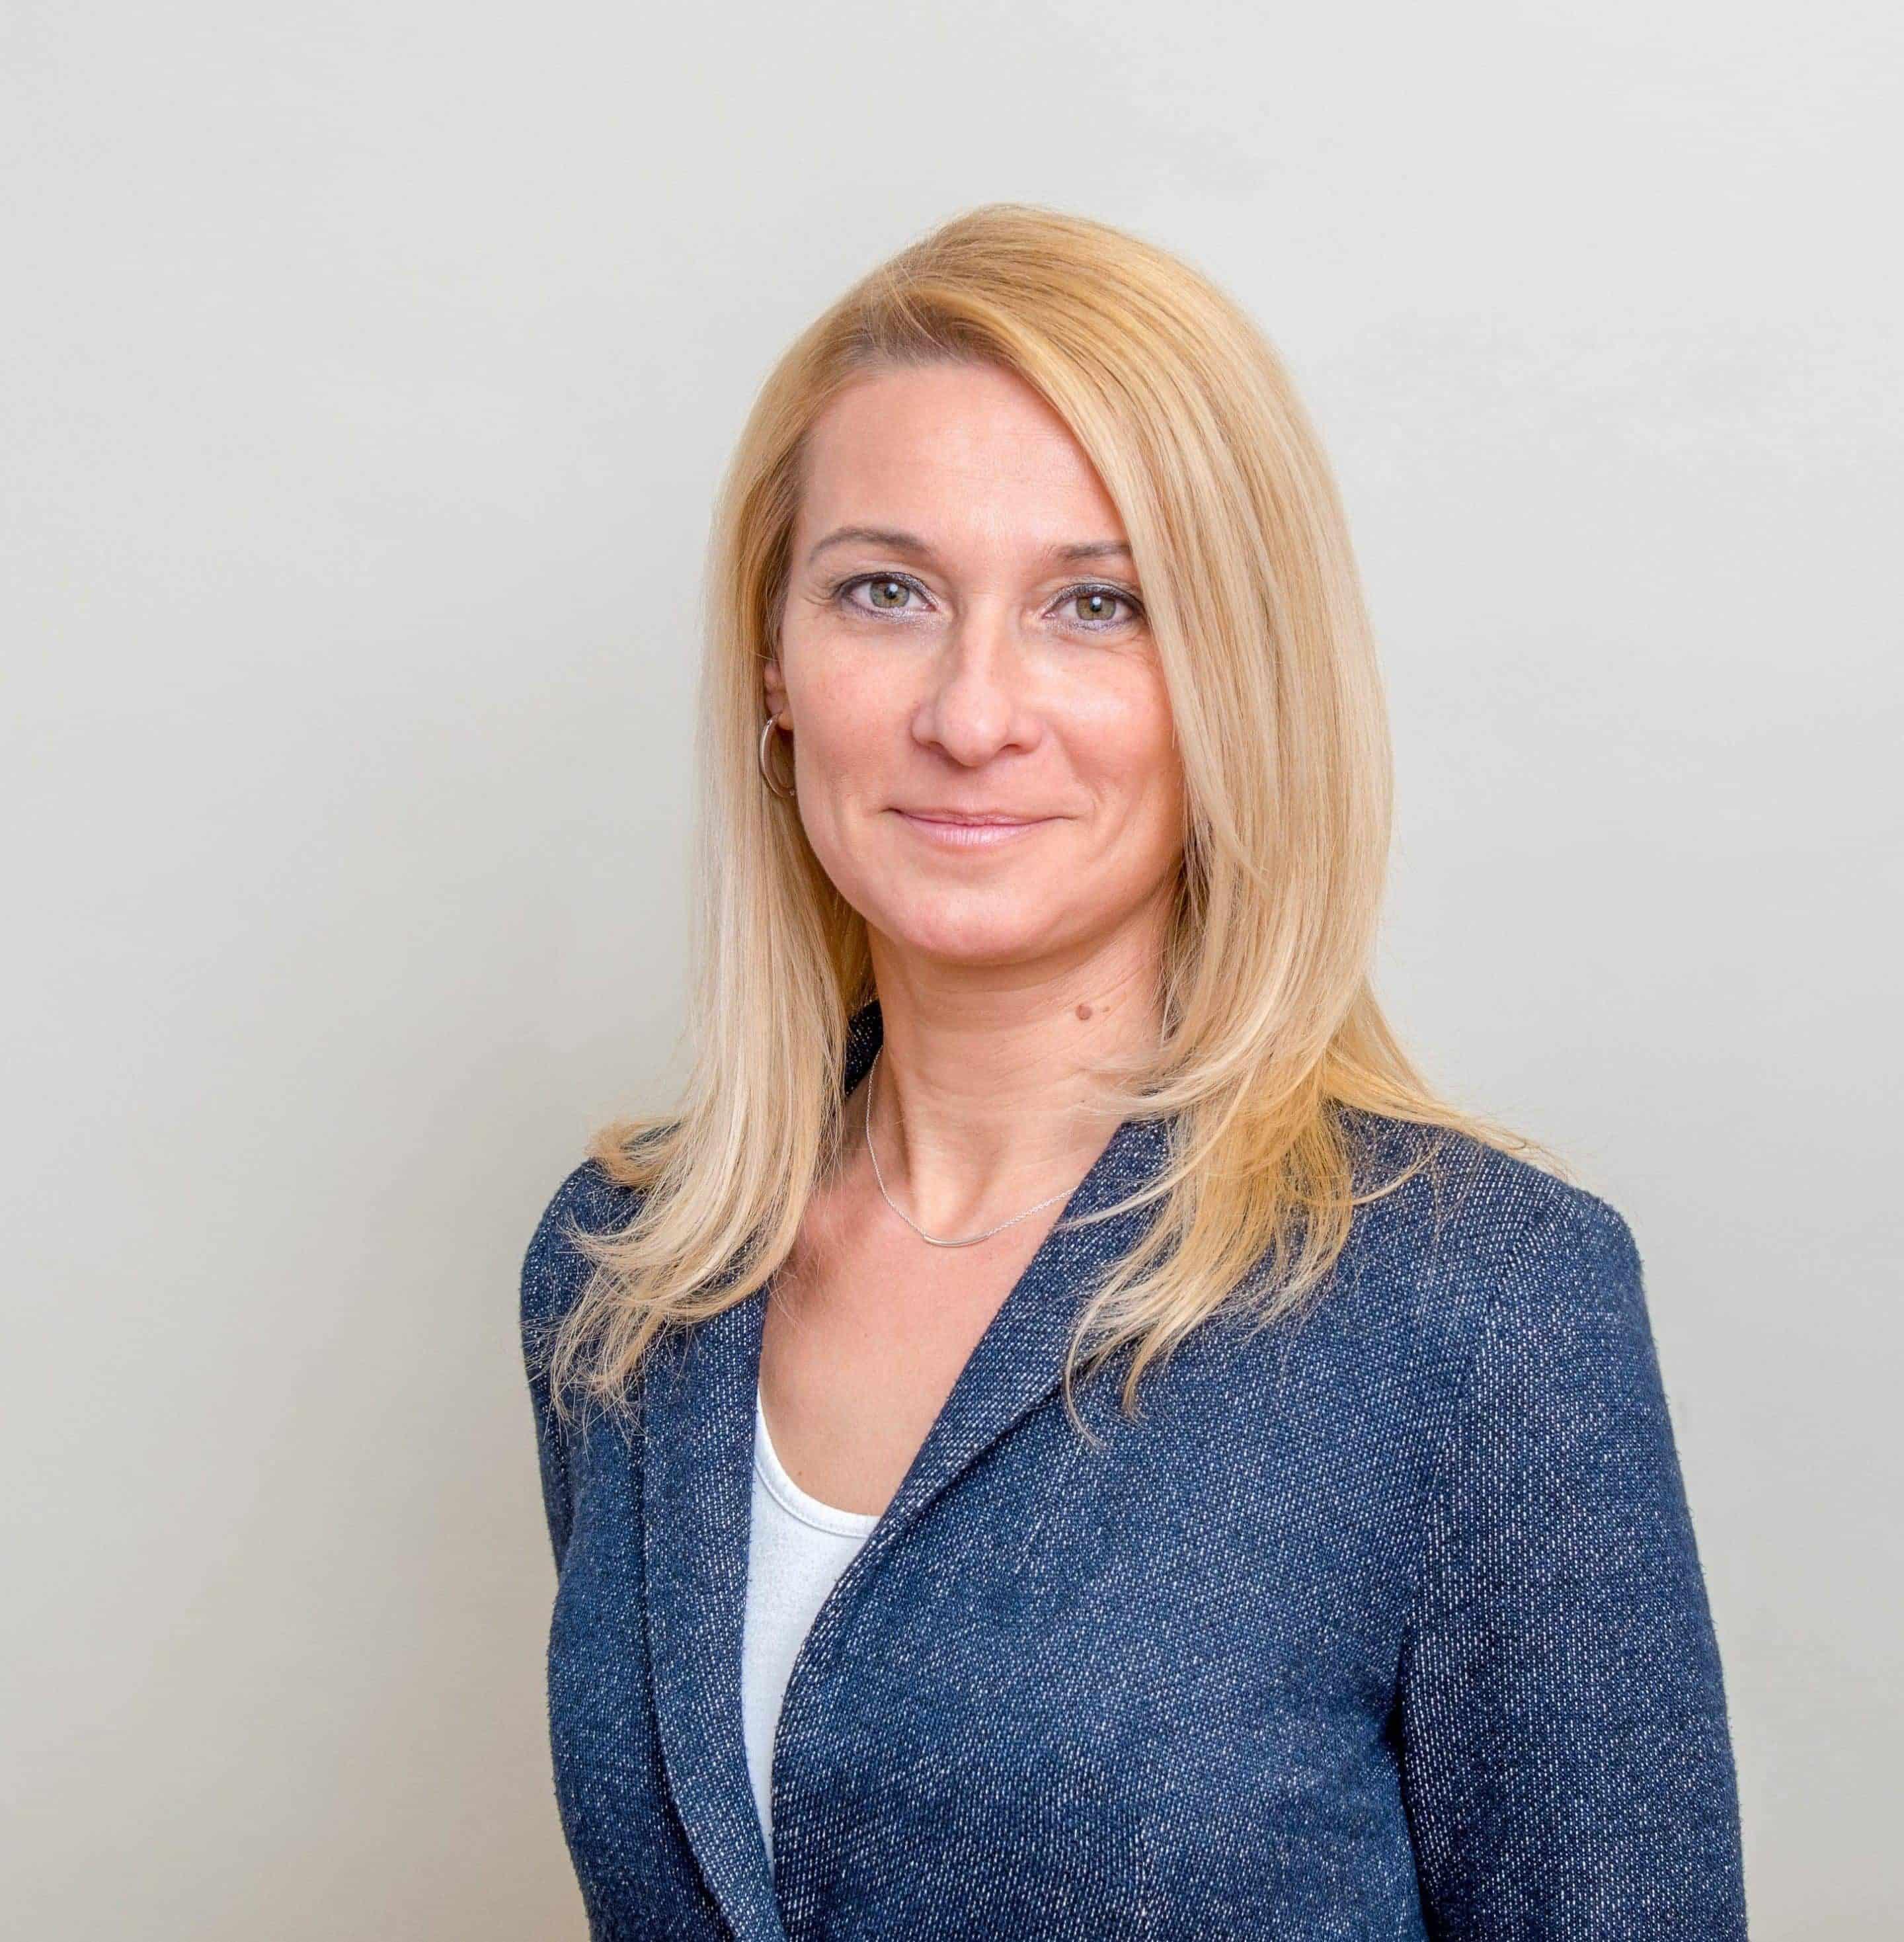 Berater Business Portrait Fotografie 1 von 3